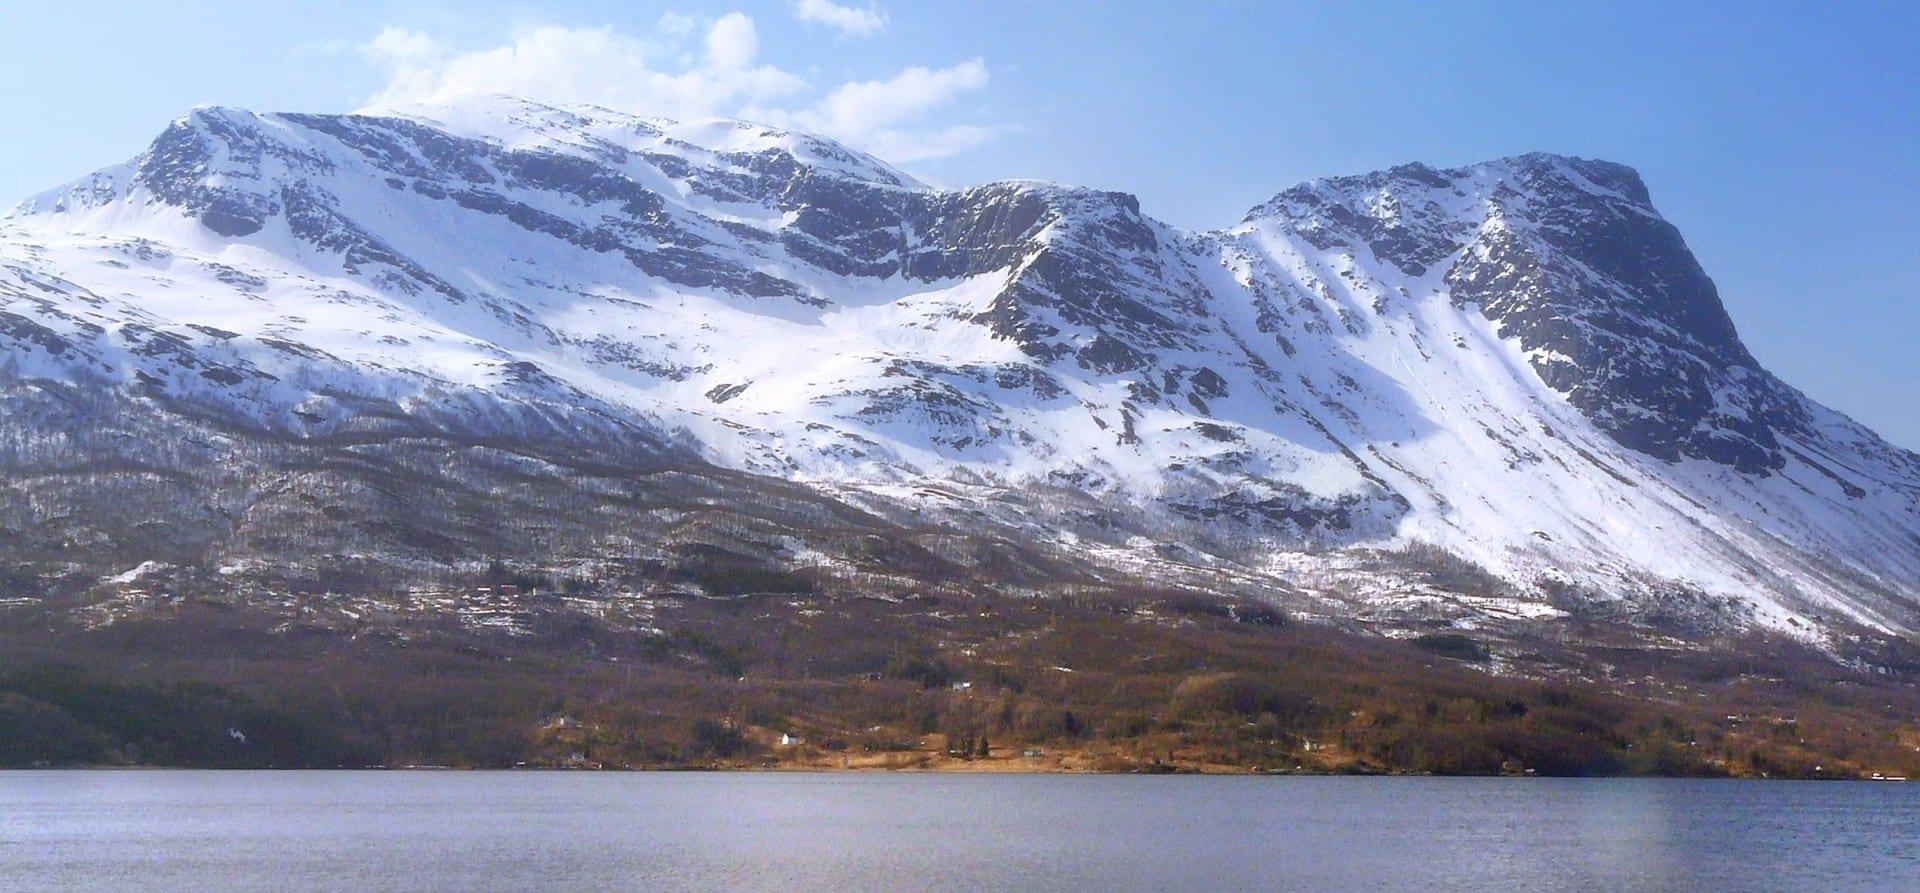 Narvik está rodeada de montañas cubiertas de nieve, como la cercana montaña de Rombaken, que se muestra aquí, y que es ideal para el esquí y el senderismo. Narvik Noruega